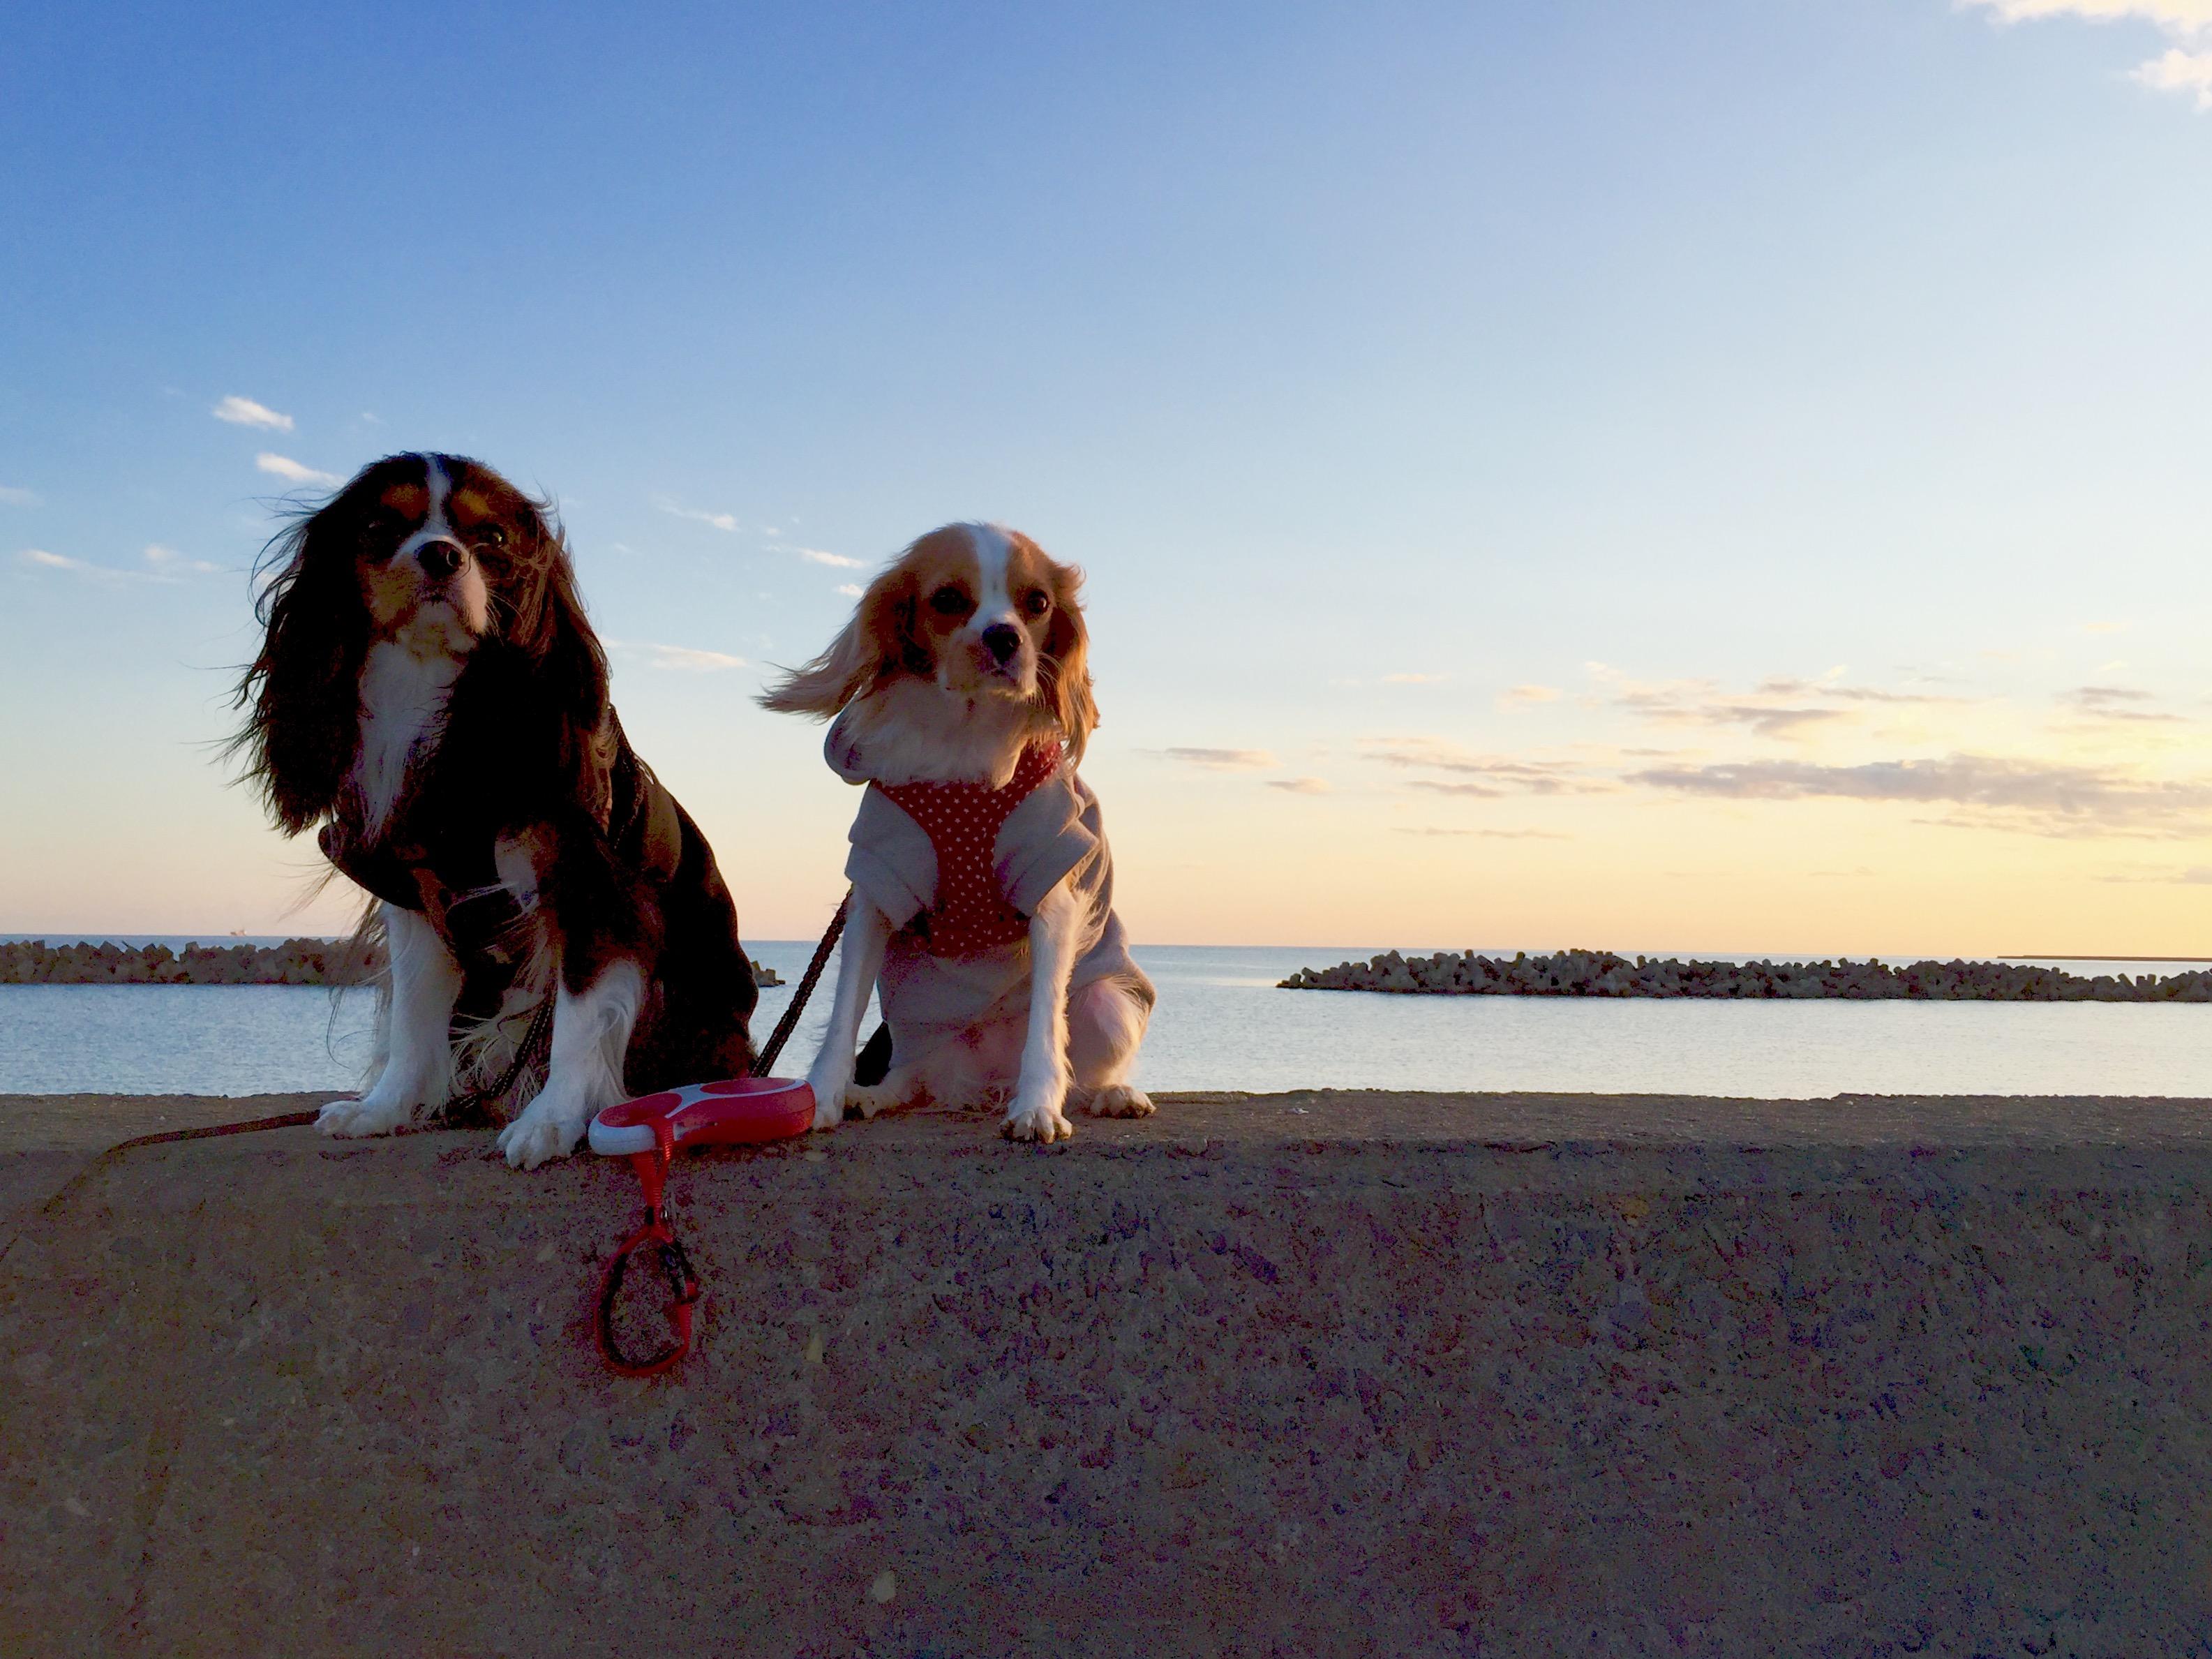 大晦日のお散歩納めはパパ実家の周辺で。土手沿いに海岸沿い、楽しく歩きました。